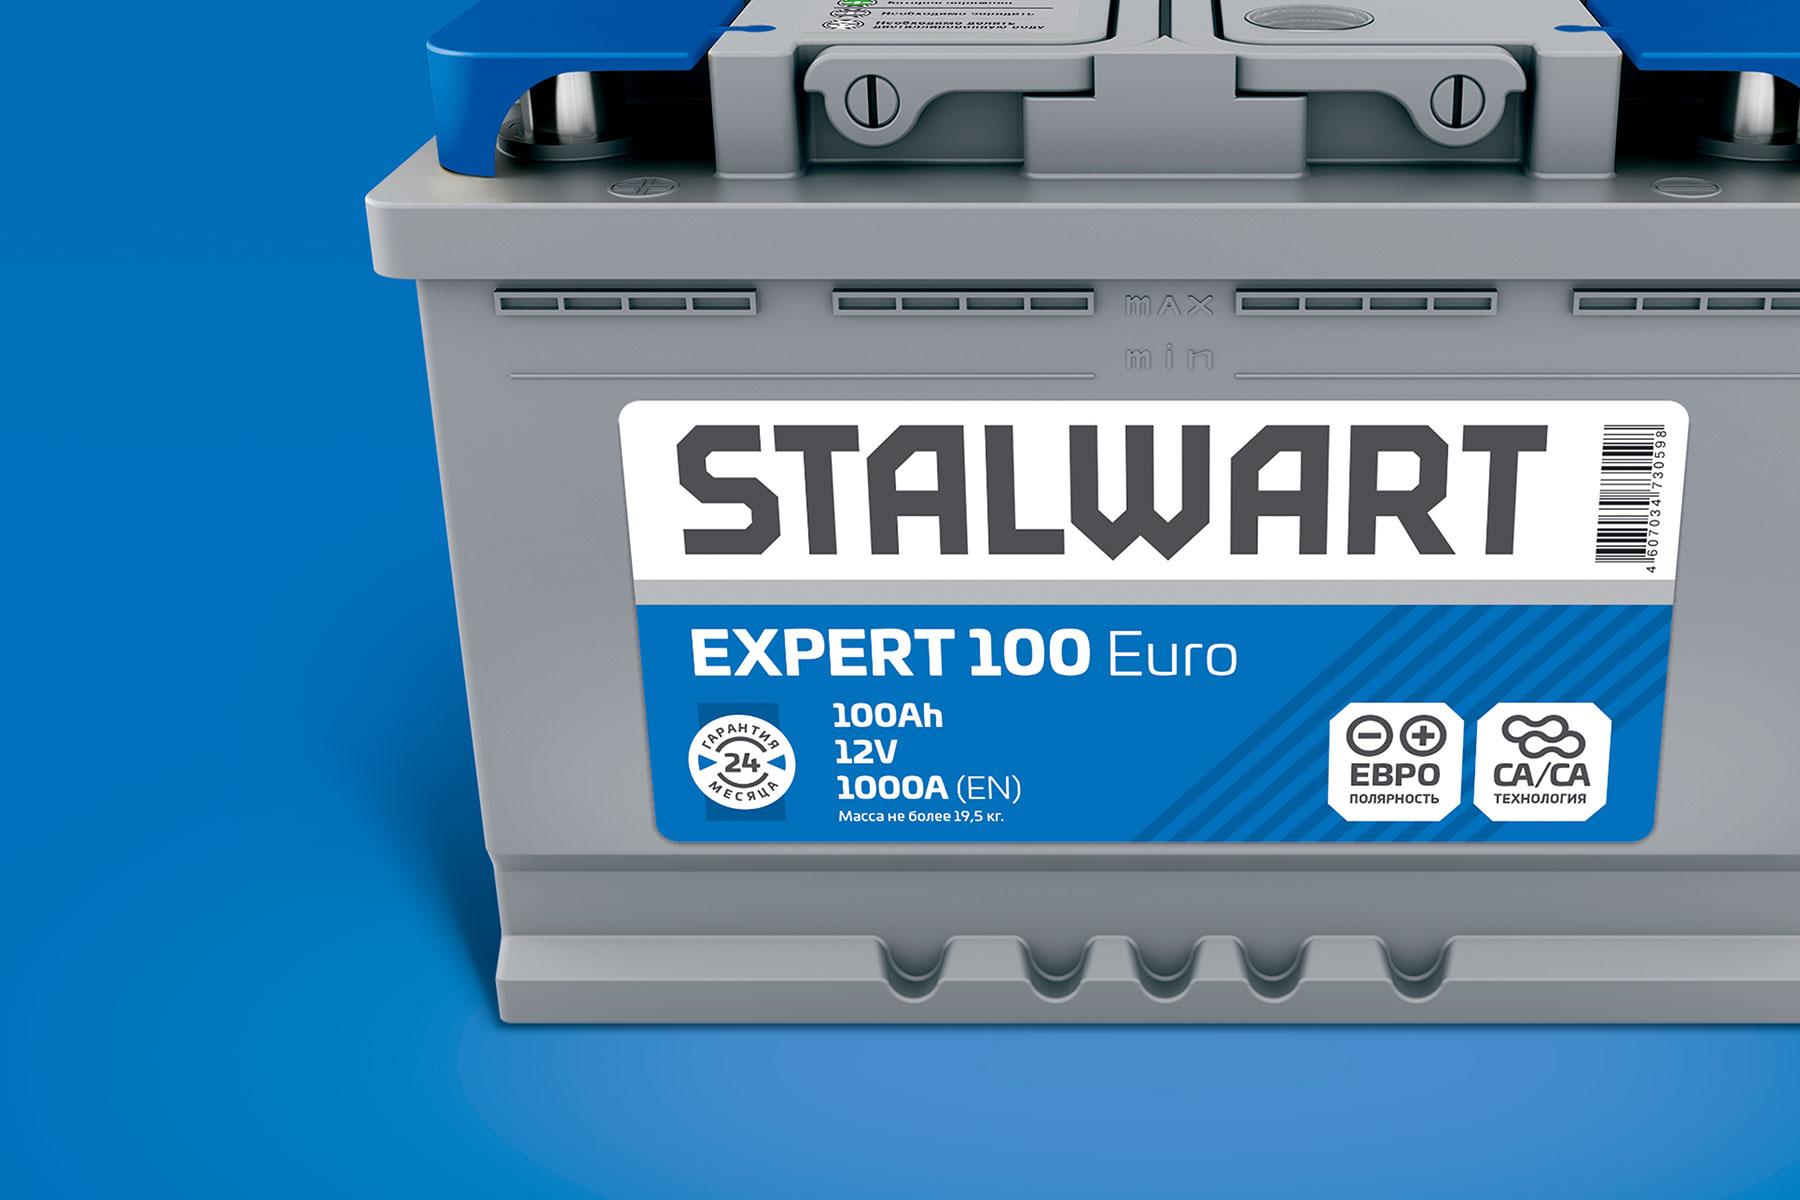 Stalwart-3-Expert-Front-2.jpg